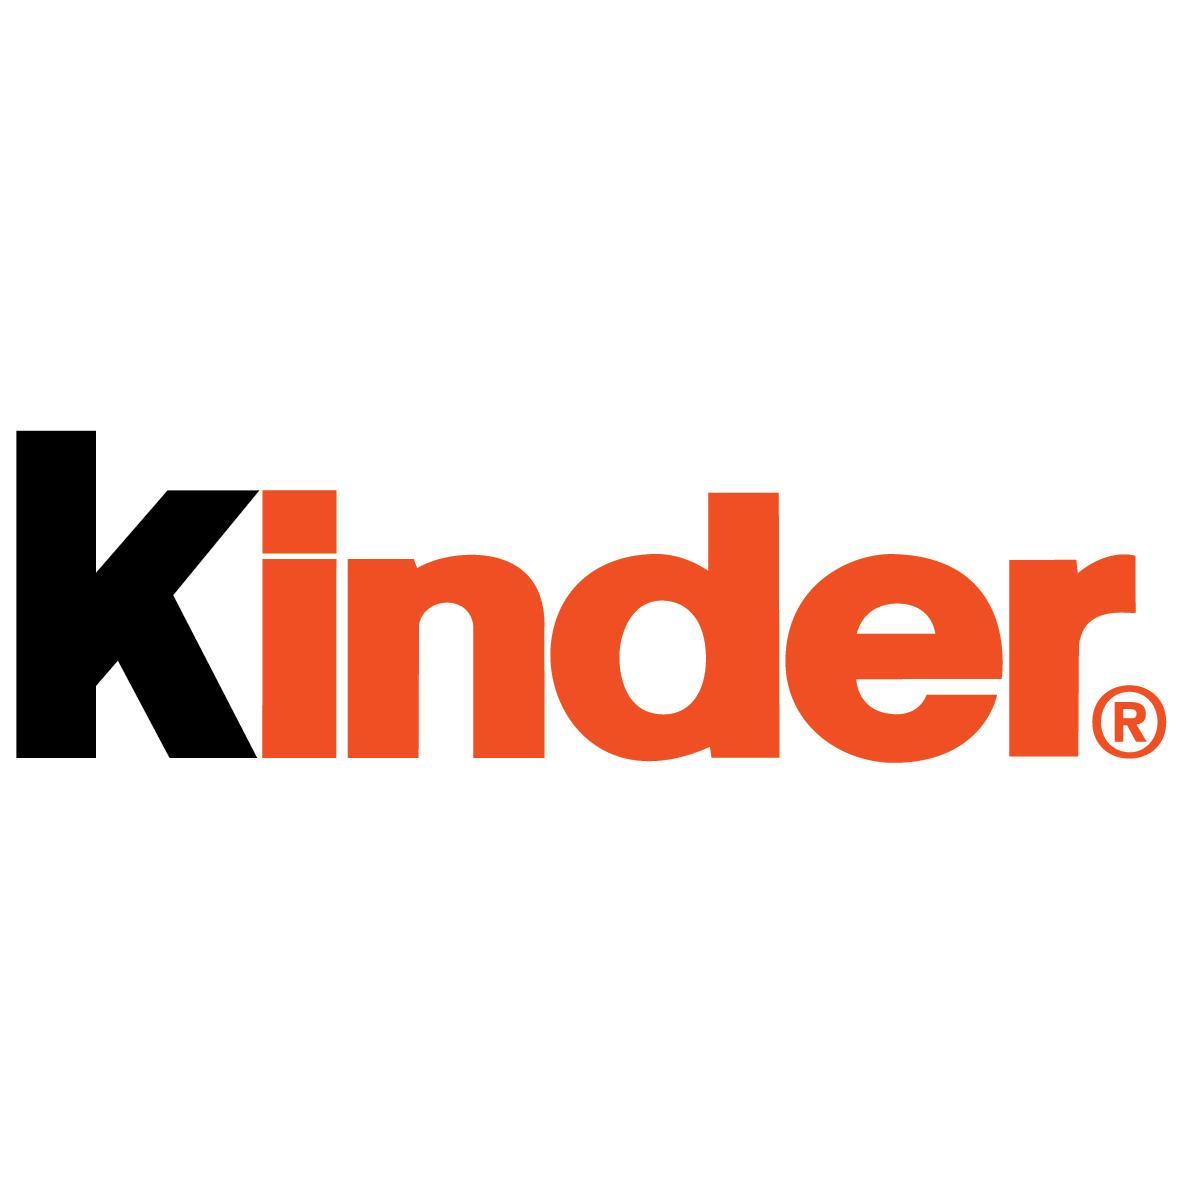 kinder logo-01.png